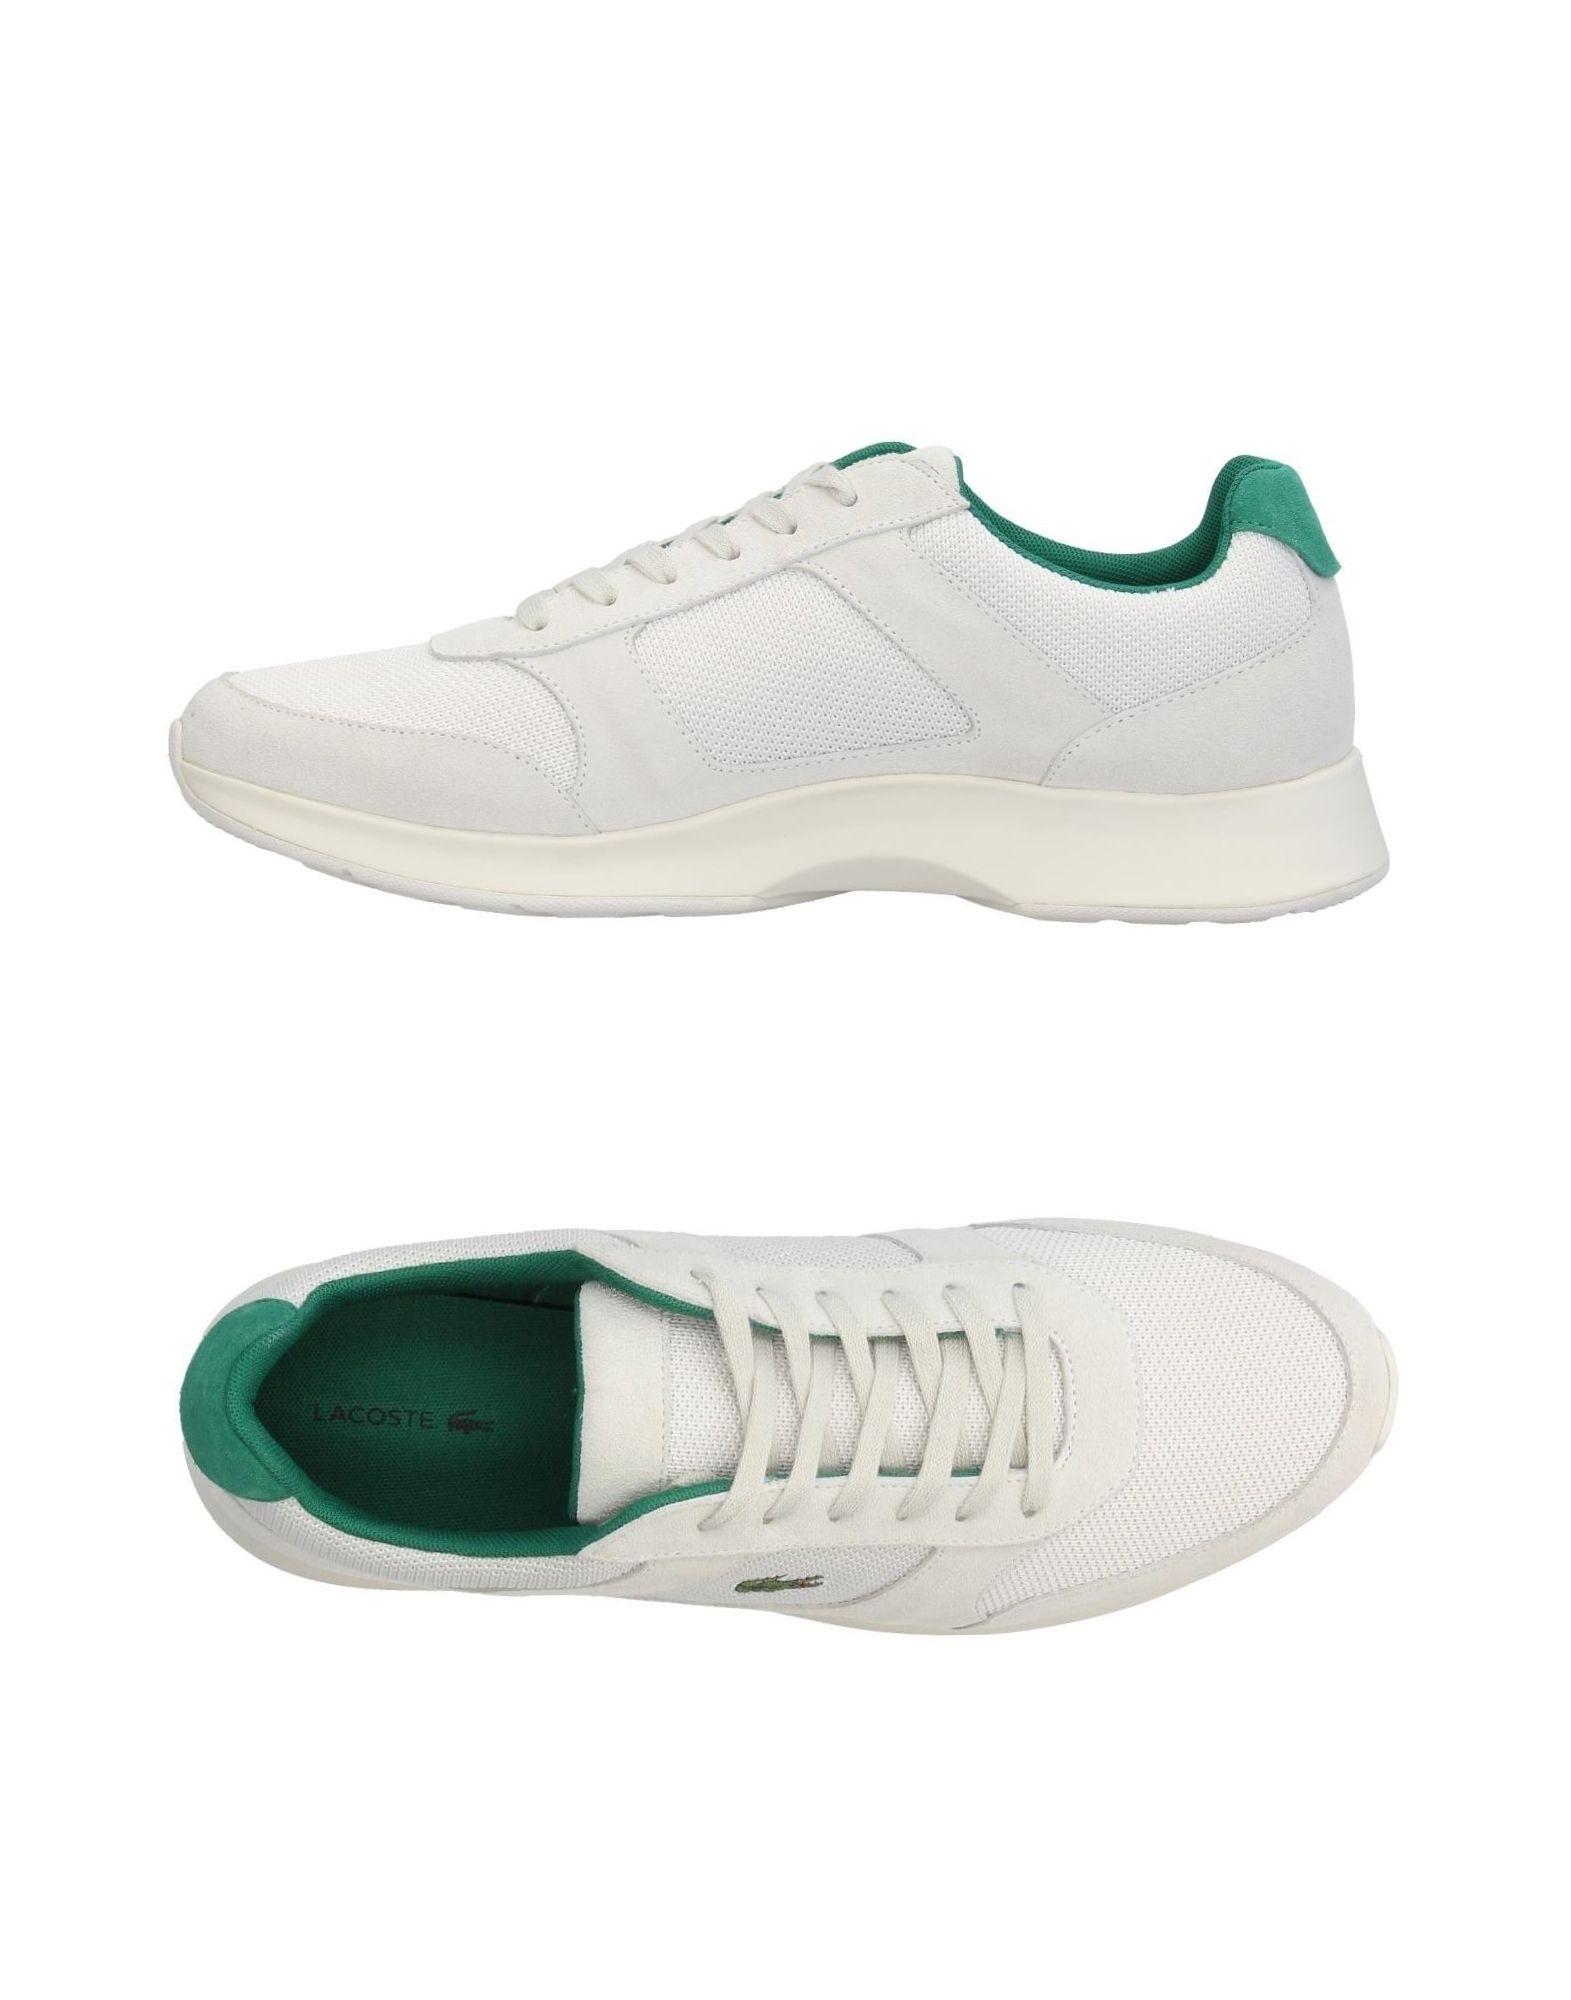 Moda Sneakers Lacoste Uomo Uomo Lacoste - 11394874QE 86630b